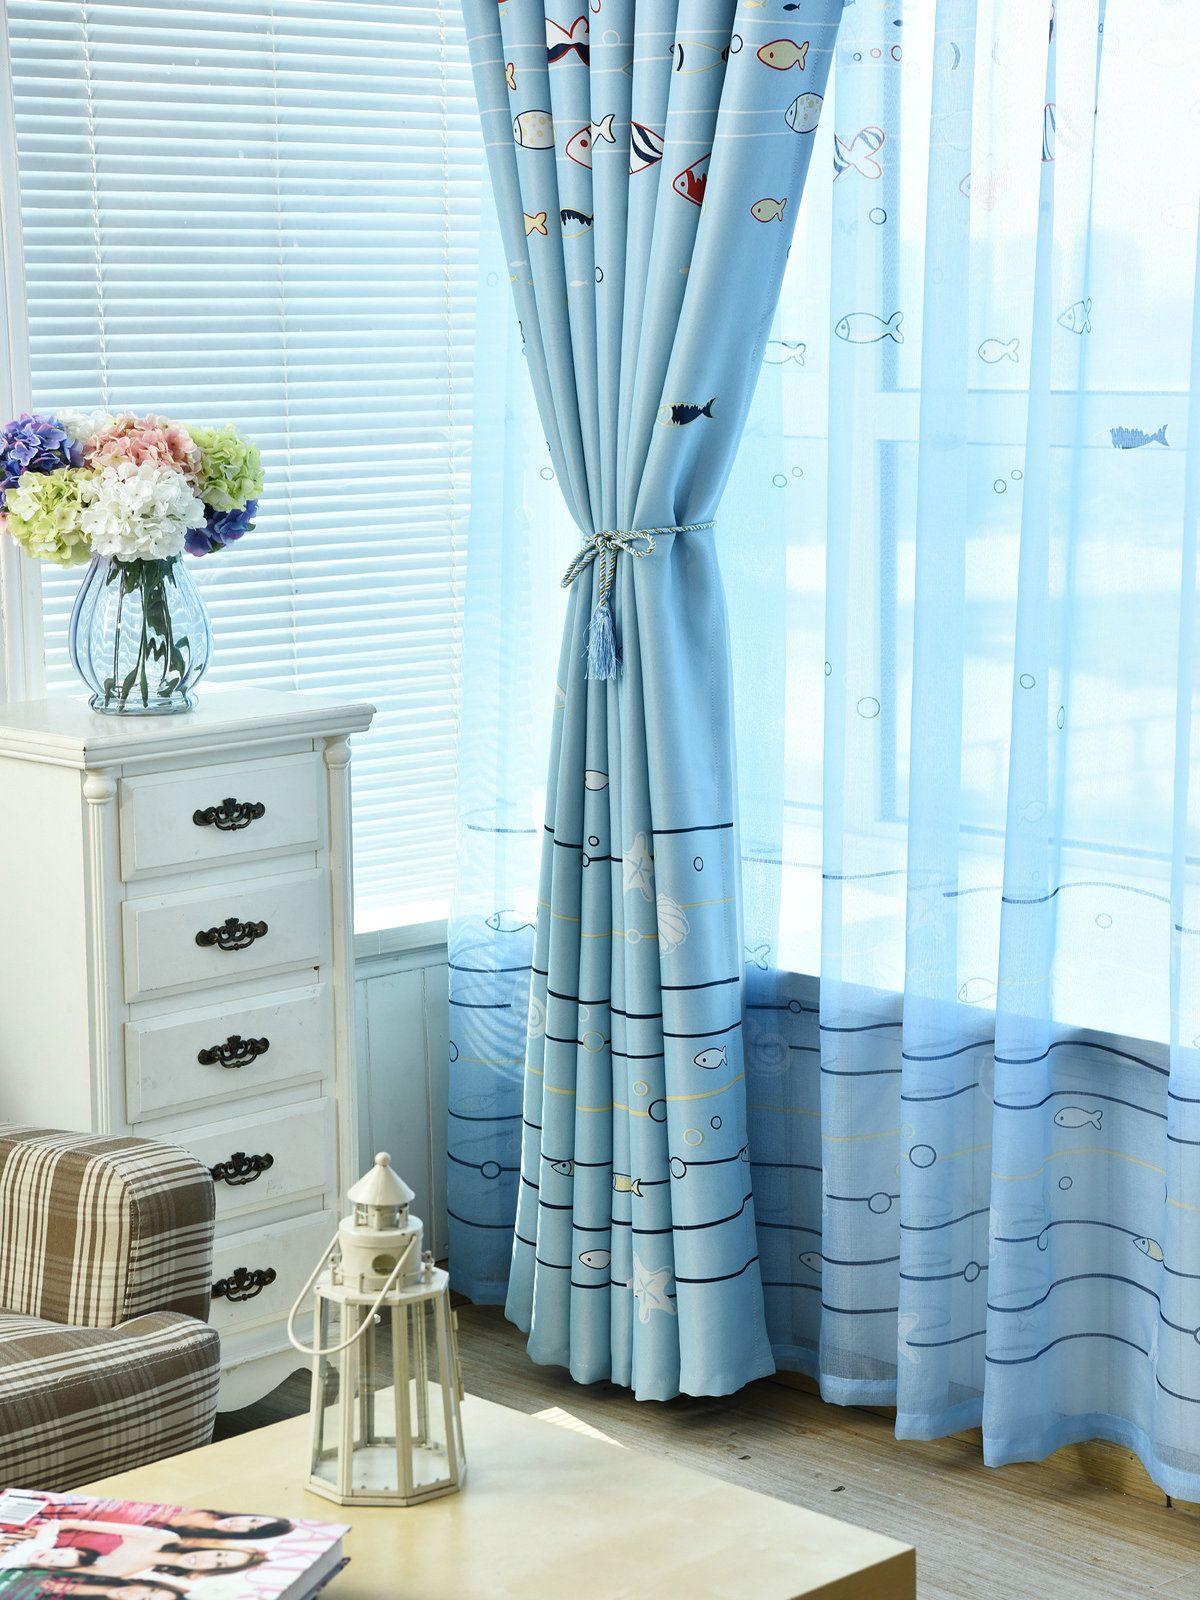 Tende finestra bambini Bambino Salotto Camera da letto Sea Fish modello blu lucido tende finestra pannello tenda casa decorazione